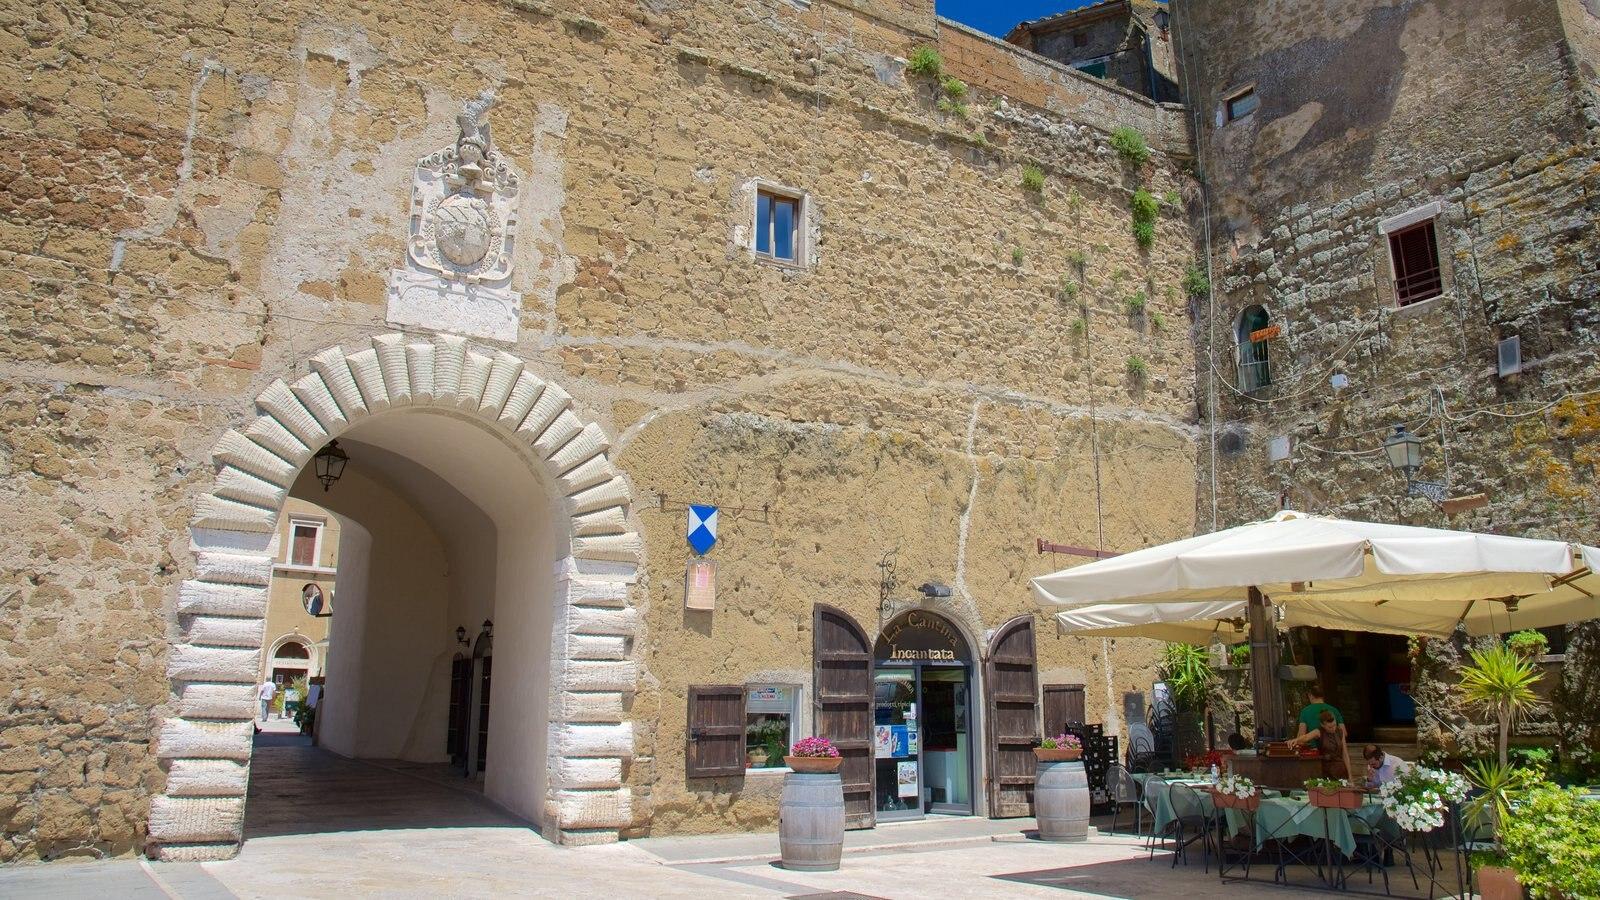 Pitigliano ofreciendo comer al aire libre y una pequeña ciudad o pueblo